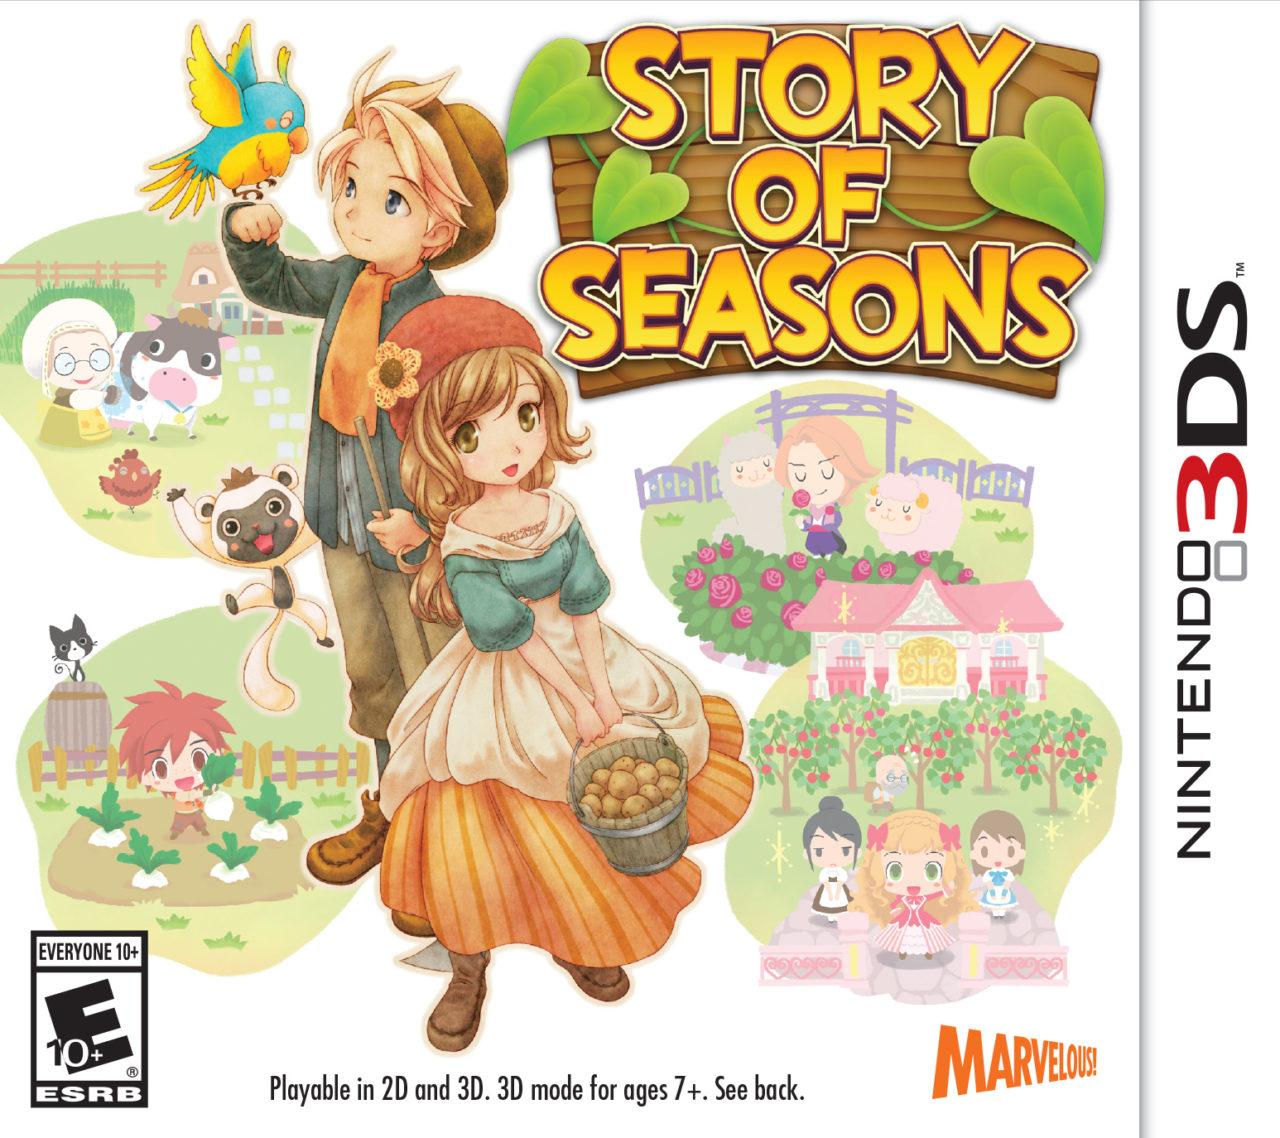 Story of Seasons- Package Art